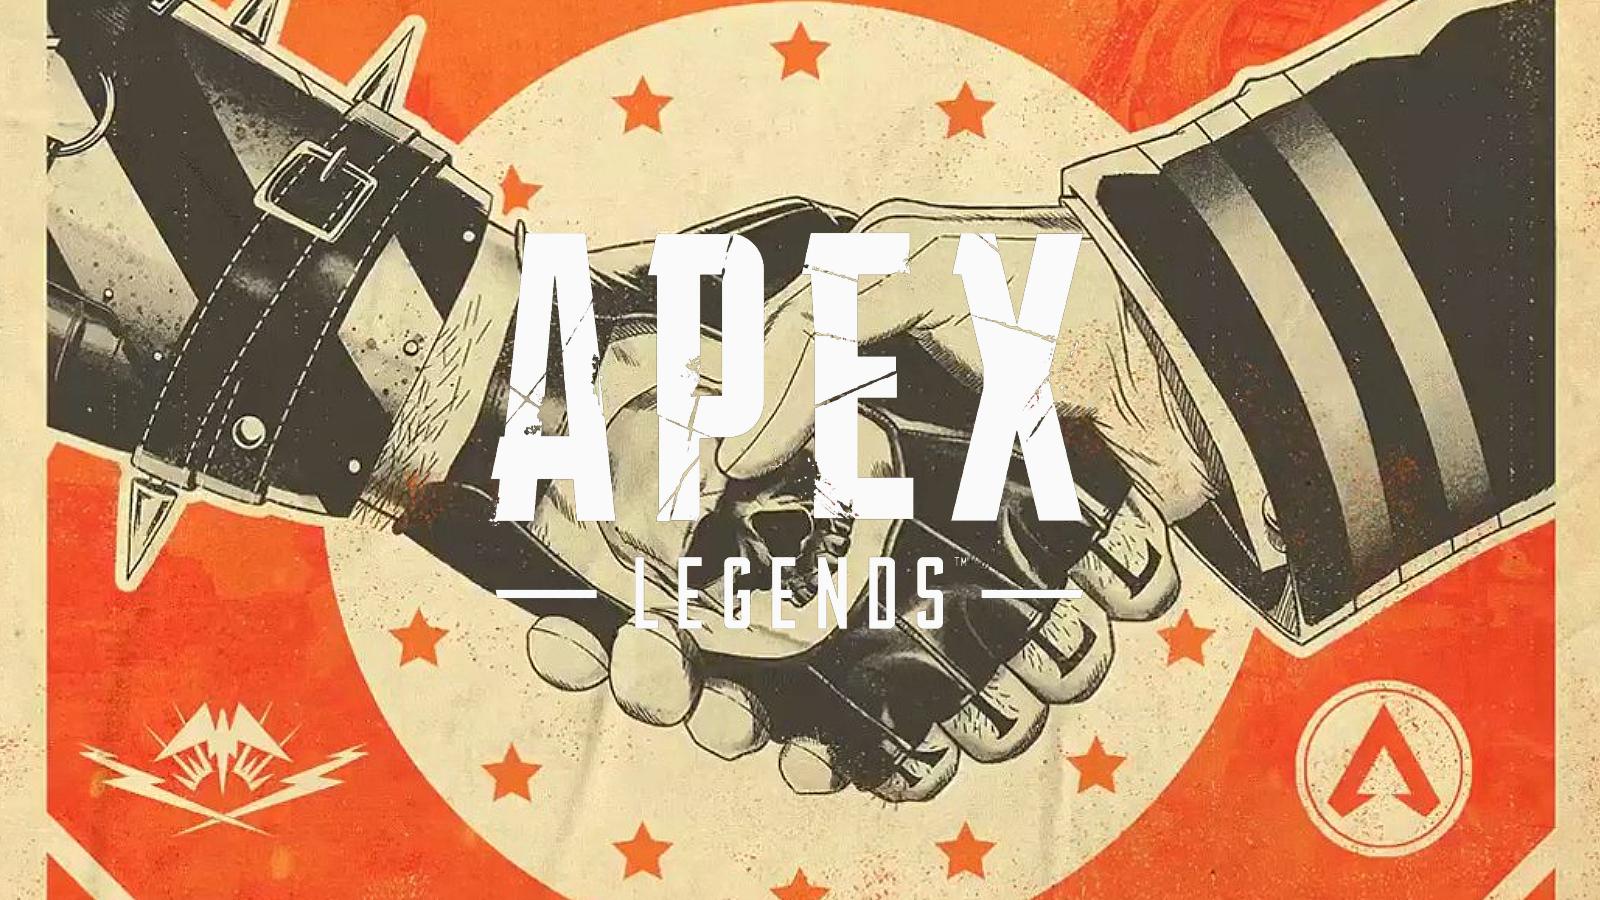 Season 8 teasers apex Legends